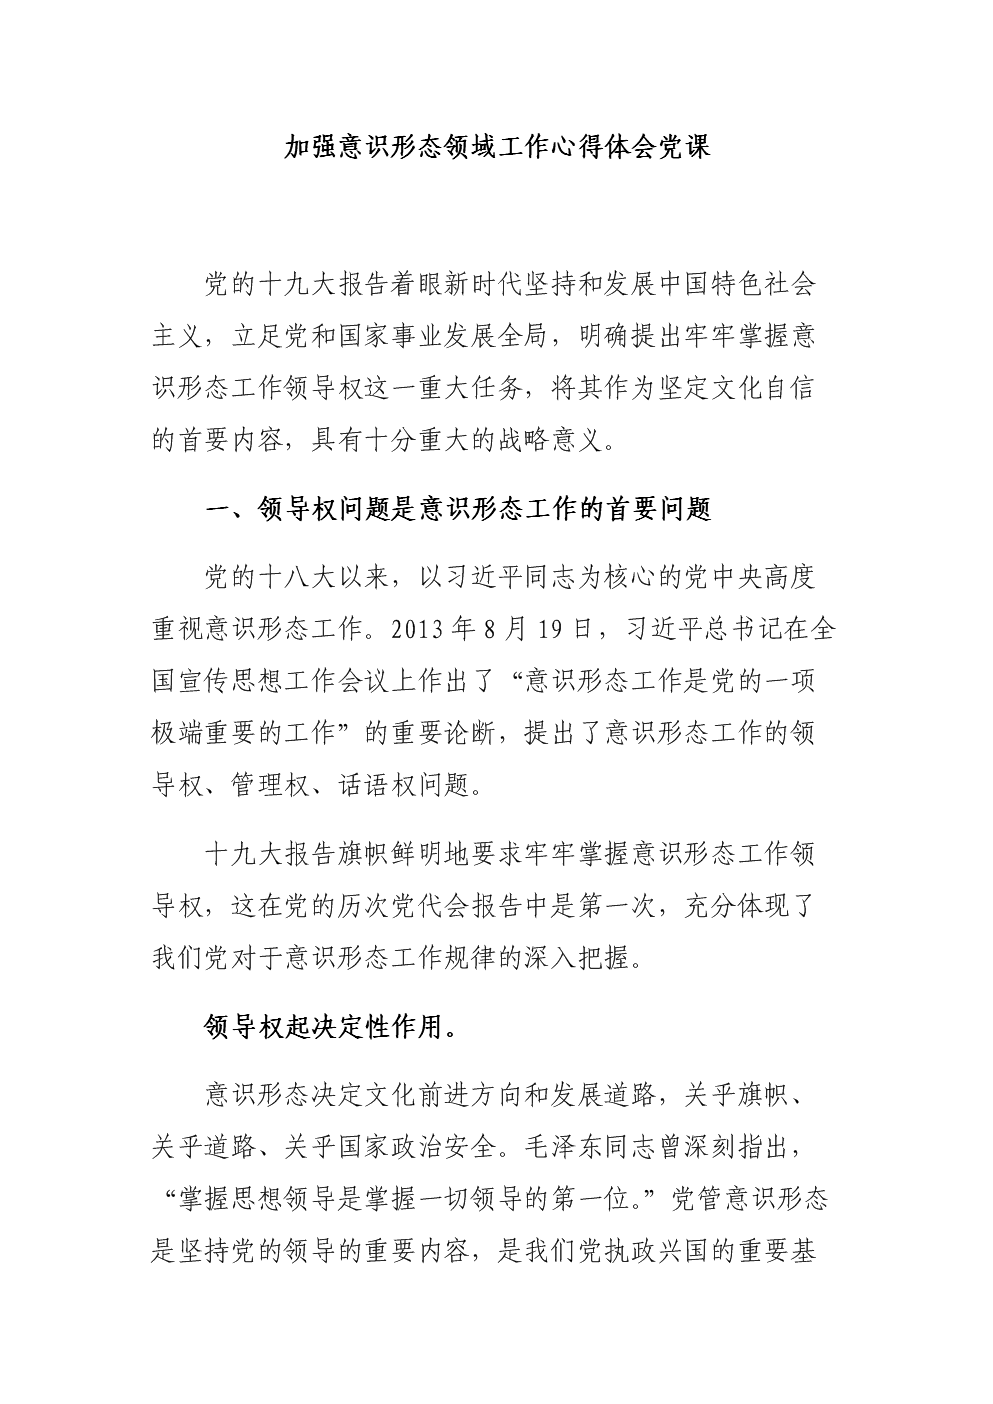 加强意识 形态领域工作心得体会党课.docx